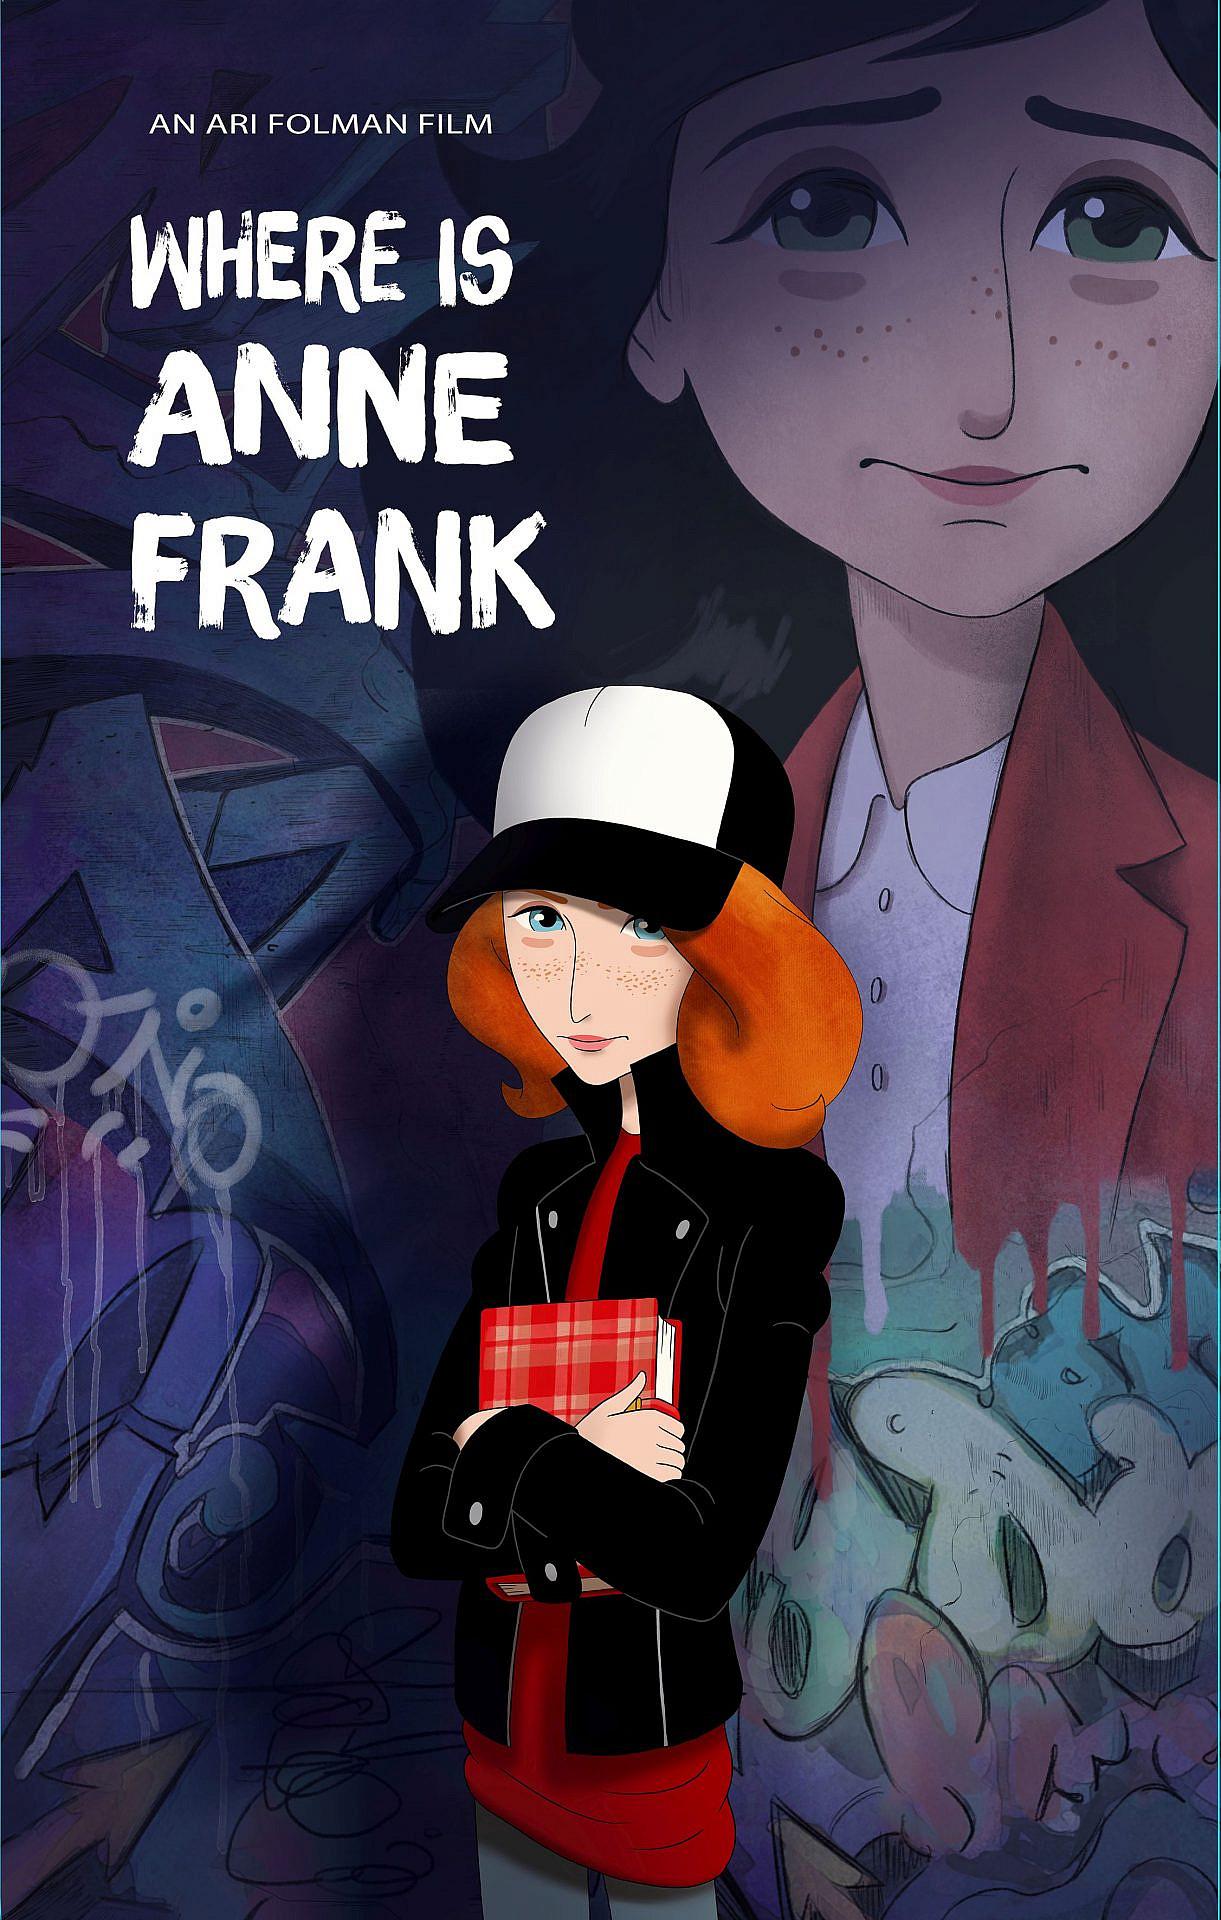 """מתוך כרזת הסרט """"איפה אנה פרנק"""" (צילום: יחסי ציבור)"""